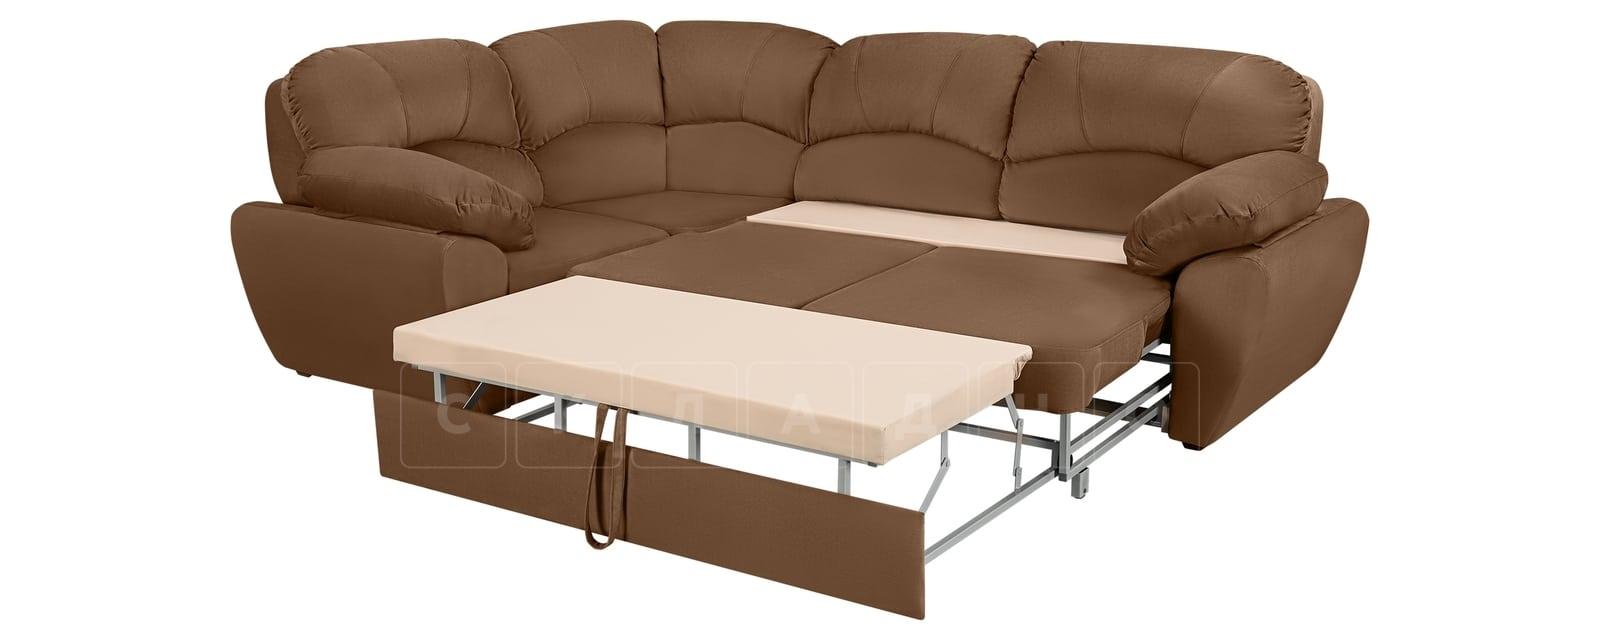 Угловой диван Эвита велюр коричневый левый угол фото 4 | интернет-магазин Складно